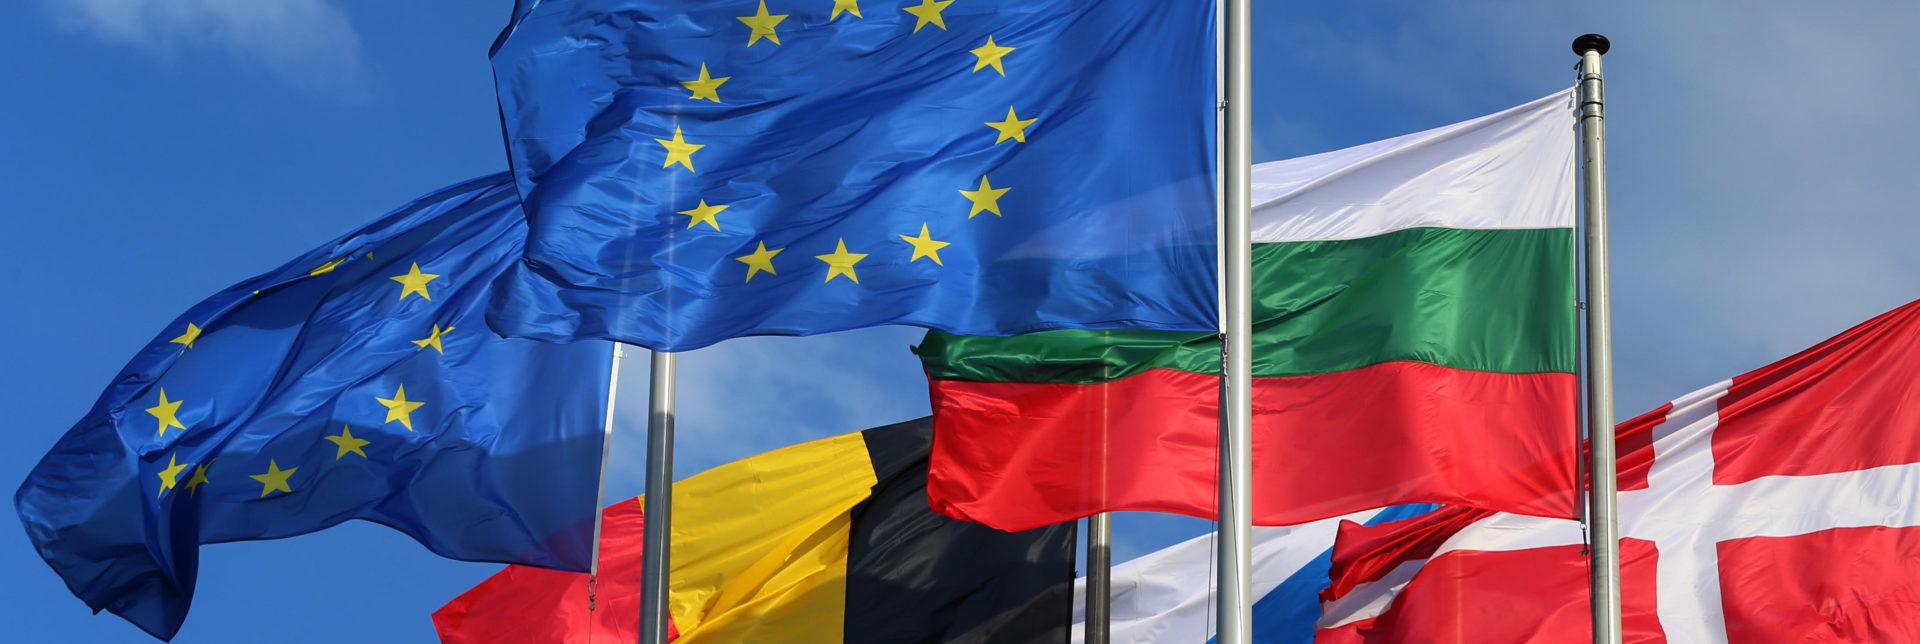 В Еврокомиссии считают, что Болгария готова к вступлению в Шенгнен